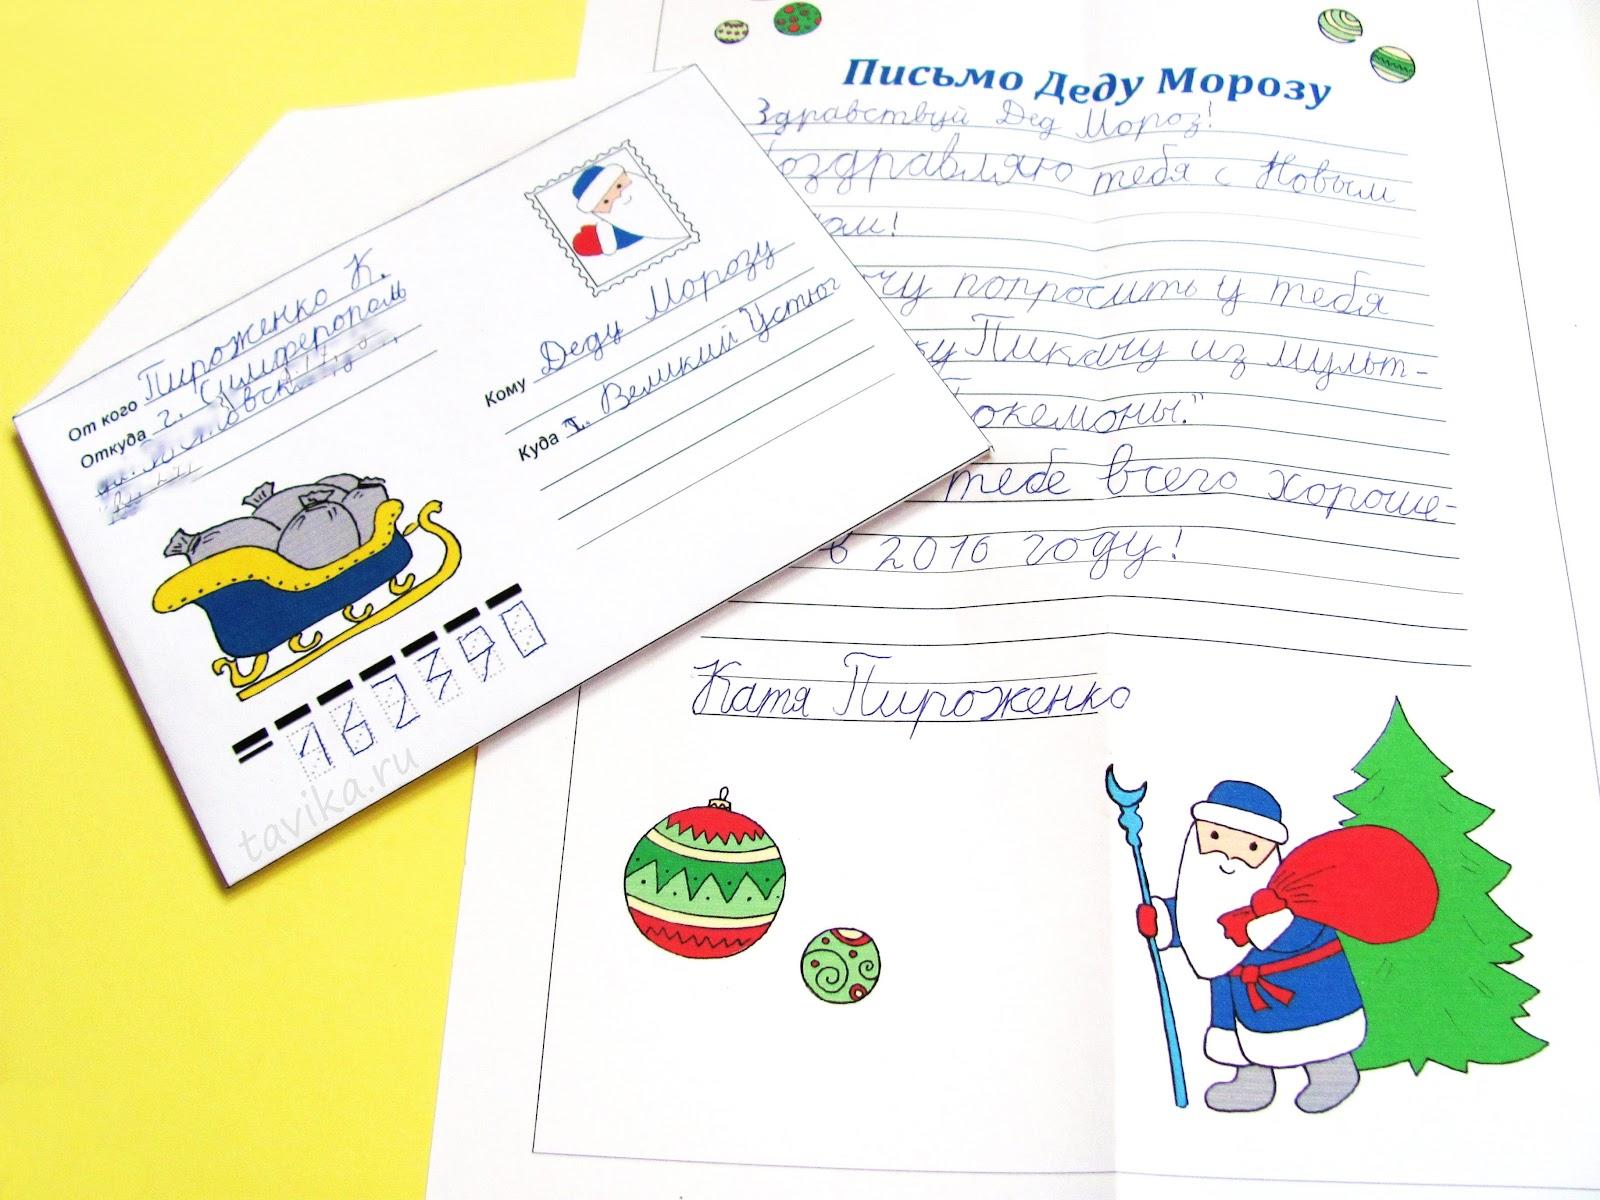 бланк для новогоднего письма